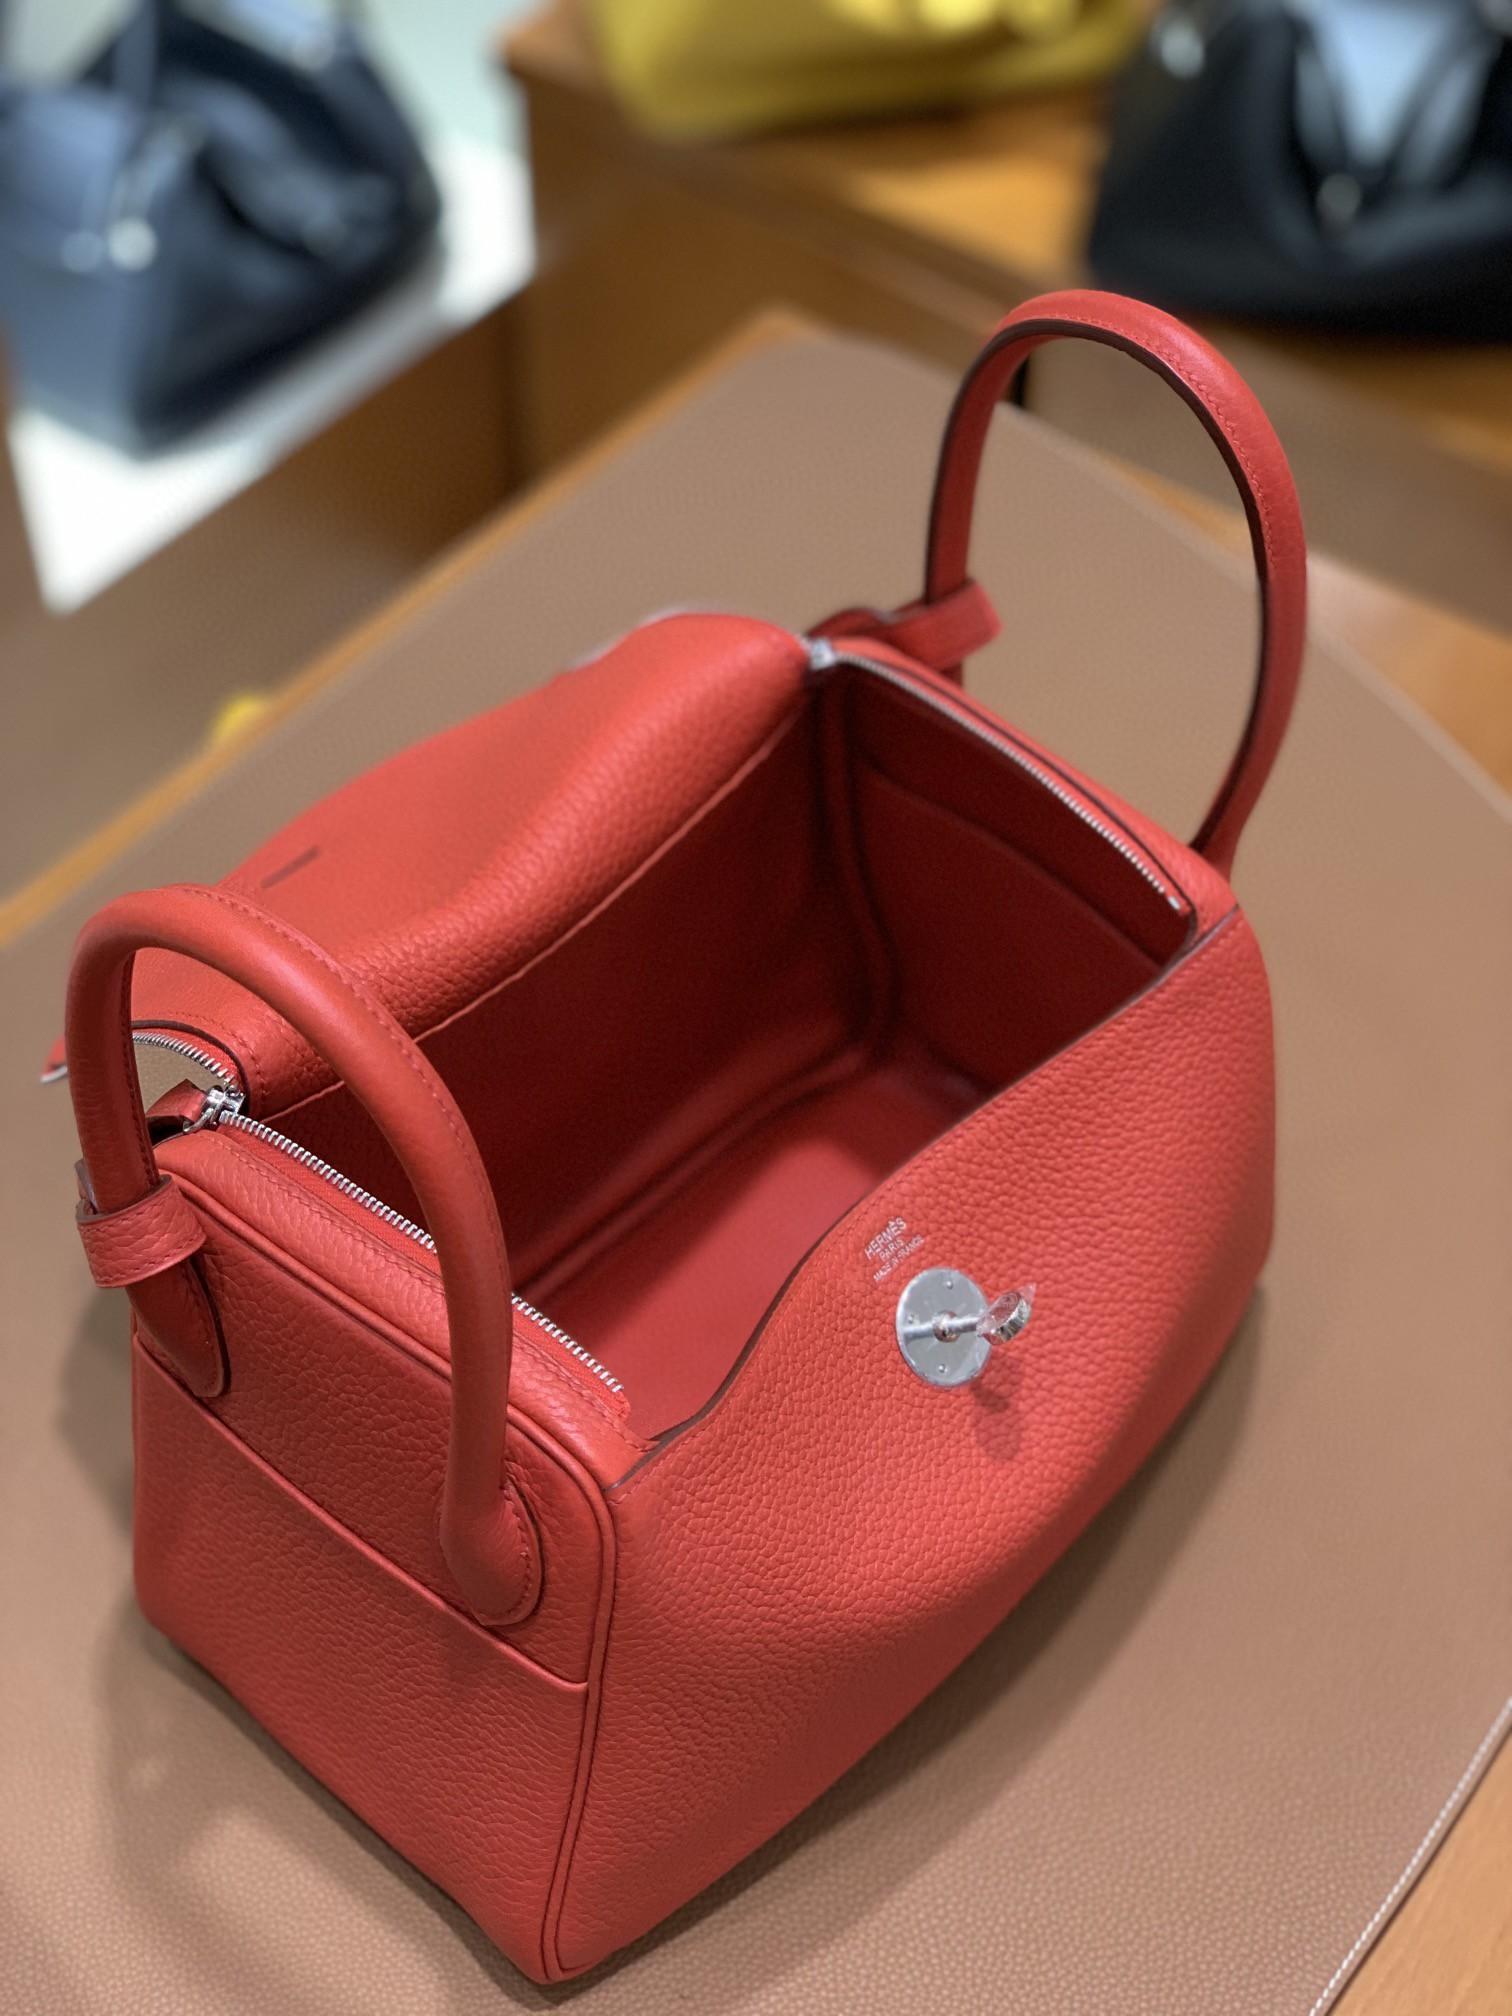 Hermès(爱马仕)Lindy 琳迪包 TC 番茄红 银扣 26cm 现货